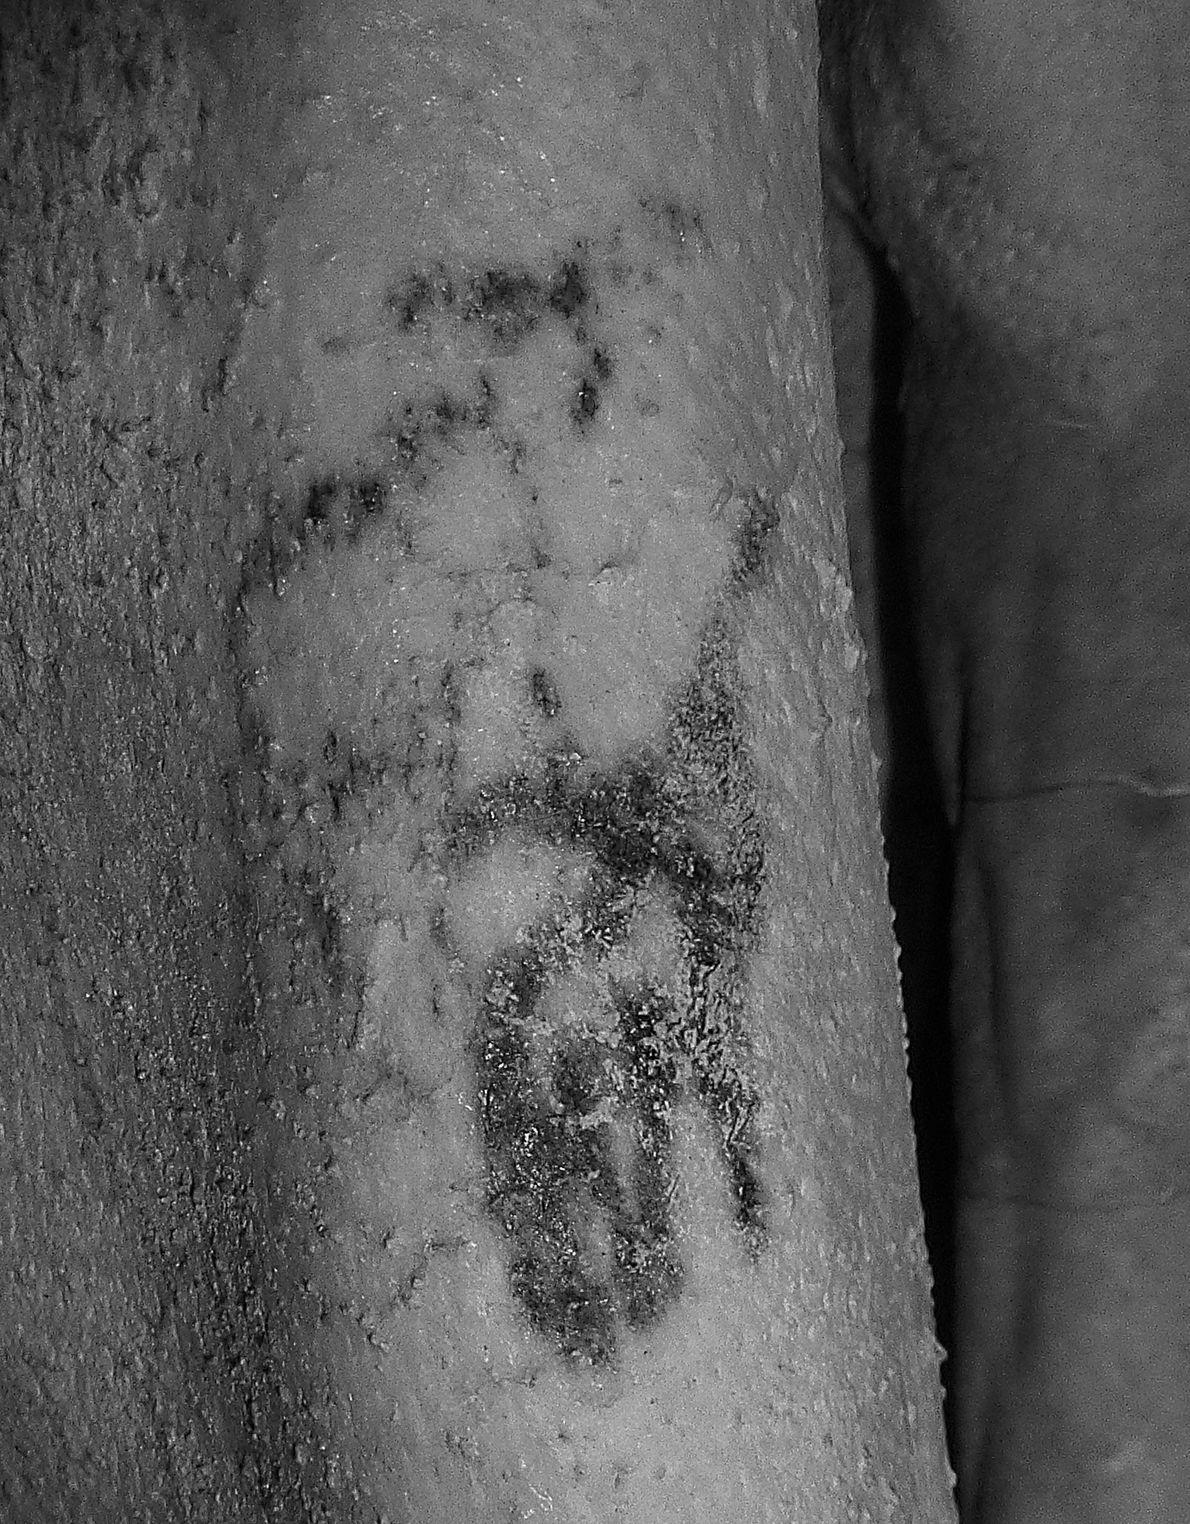 Sous la lumière infrarouge, les détails du tatouage sur sa peau vieille de 5000 ans deviennent ...